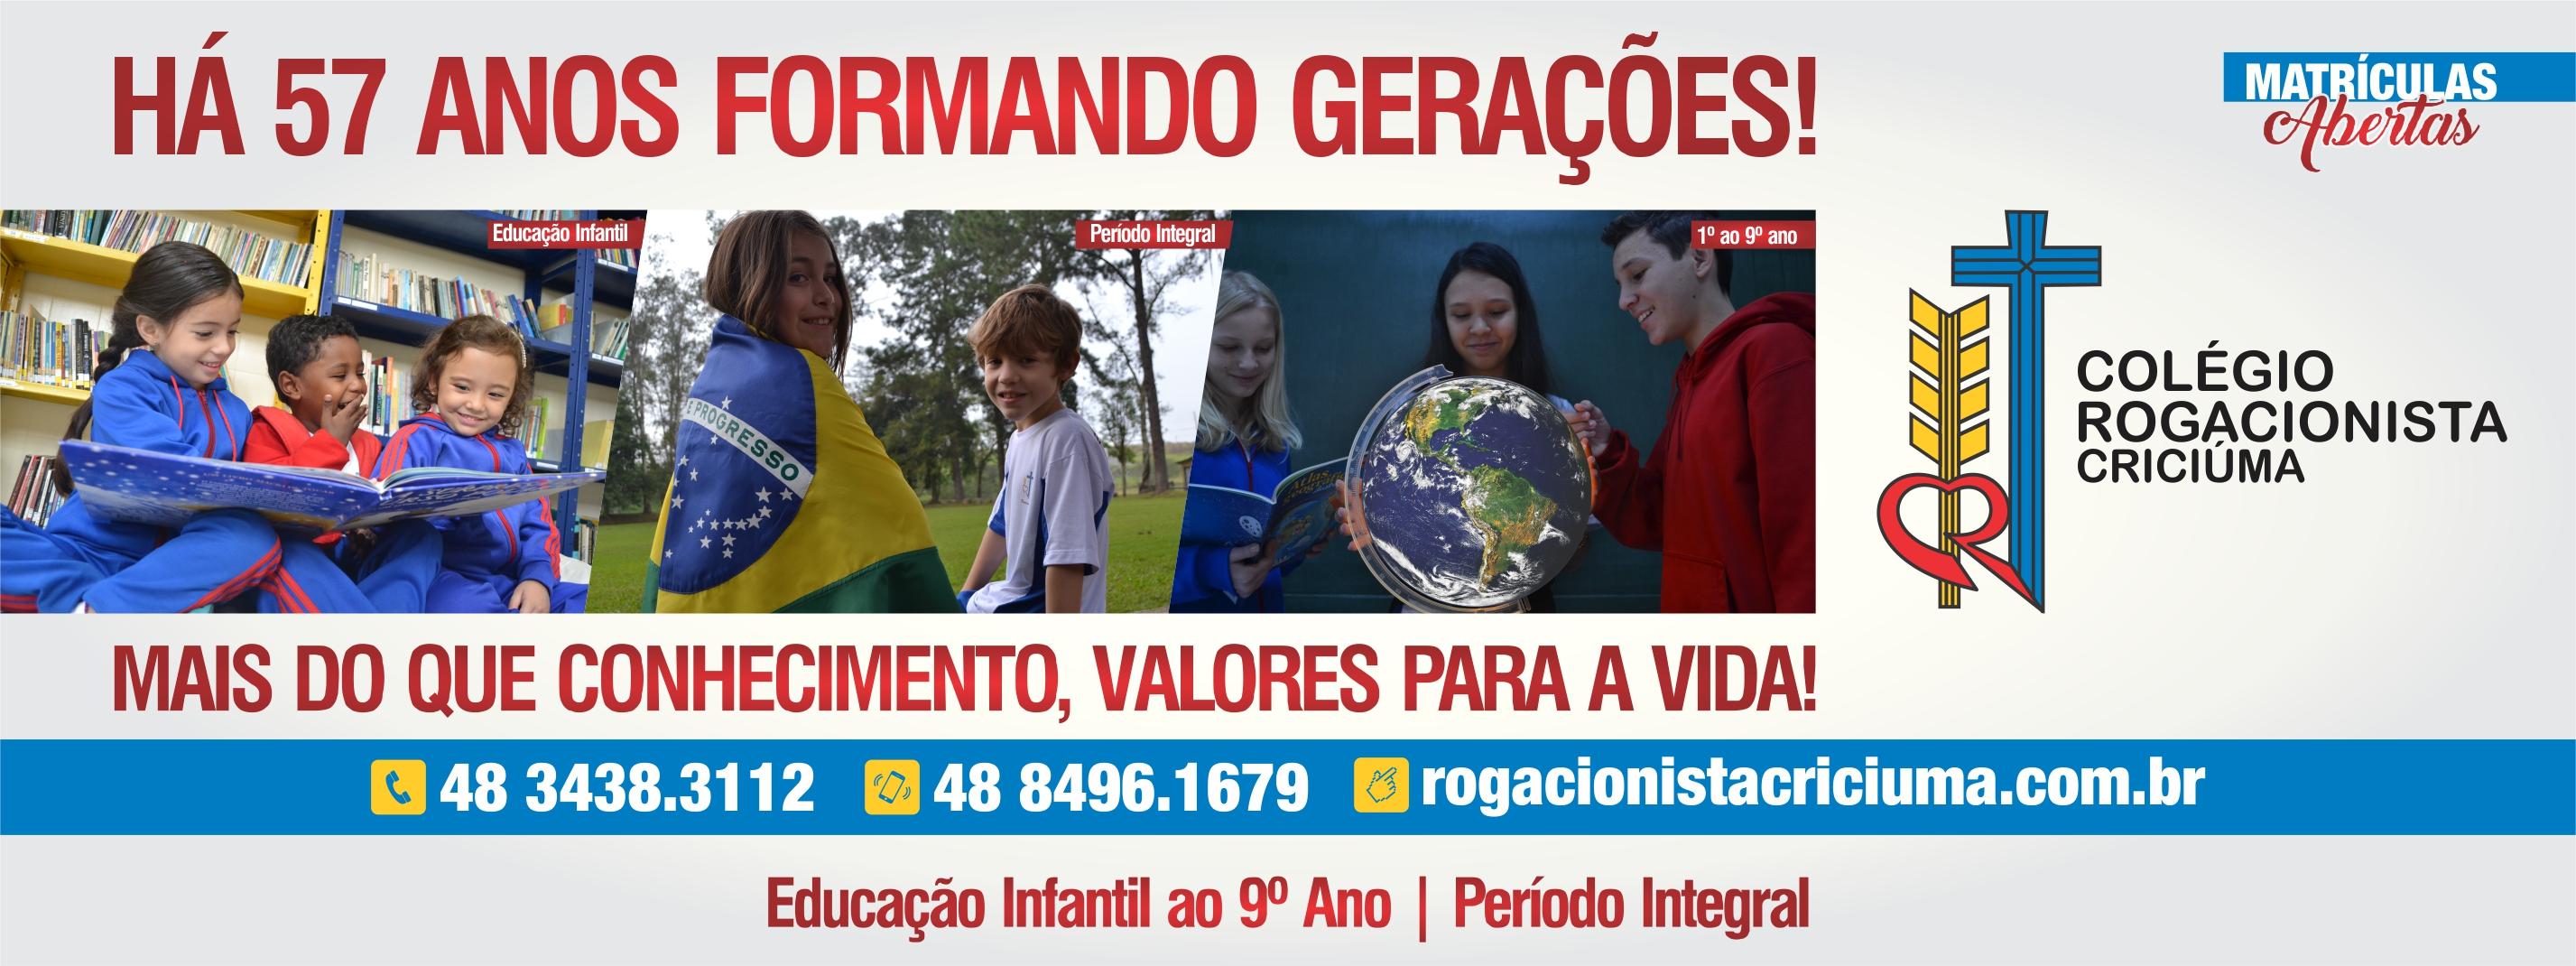 Colégio-ROgacionista-artes-virtuais-SITE-01